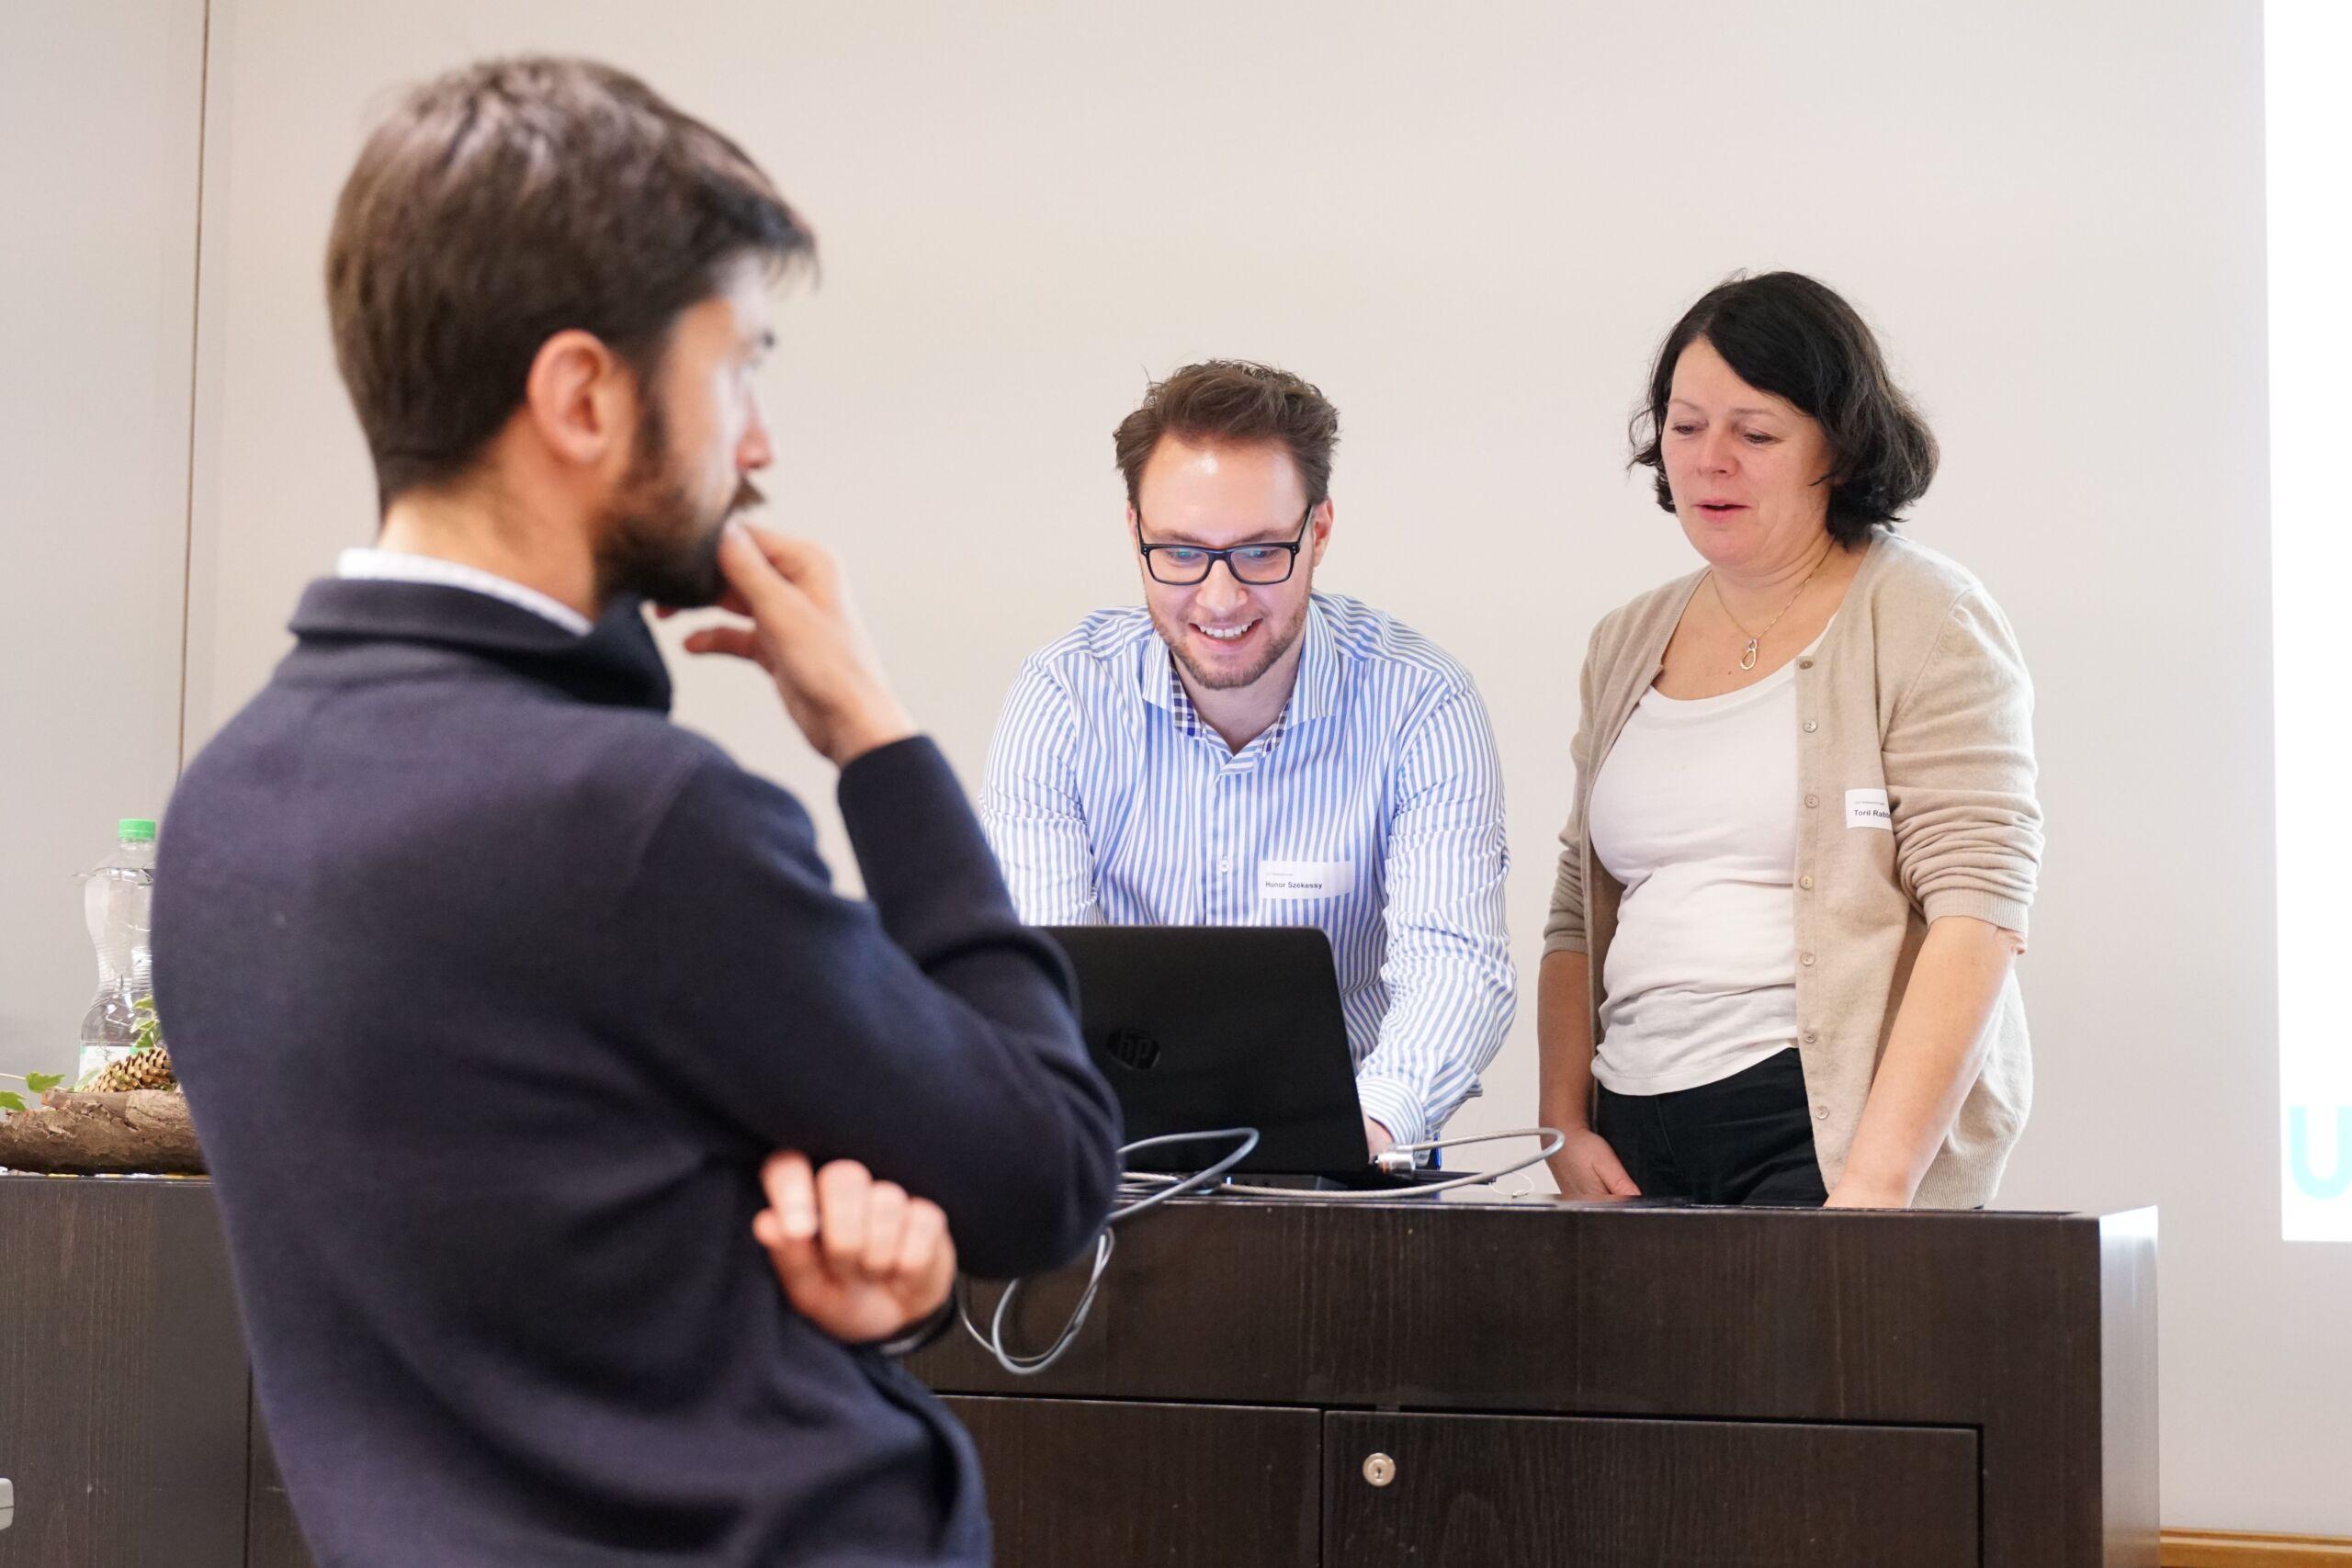 Ein Mann schaut interessiert eine Präsentation an, während zwei Personen an einem Laptop sind